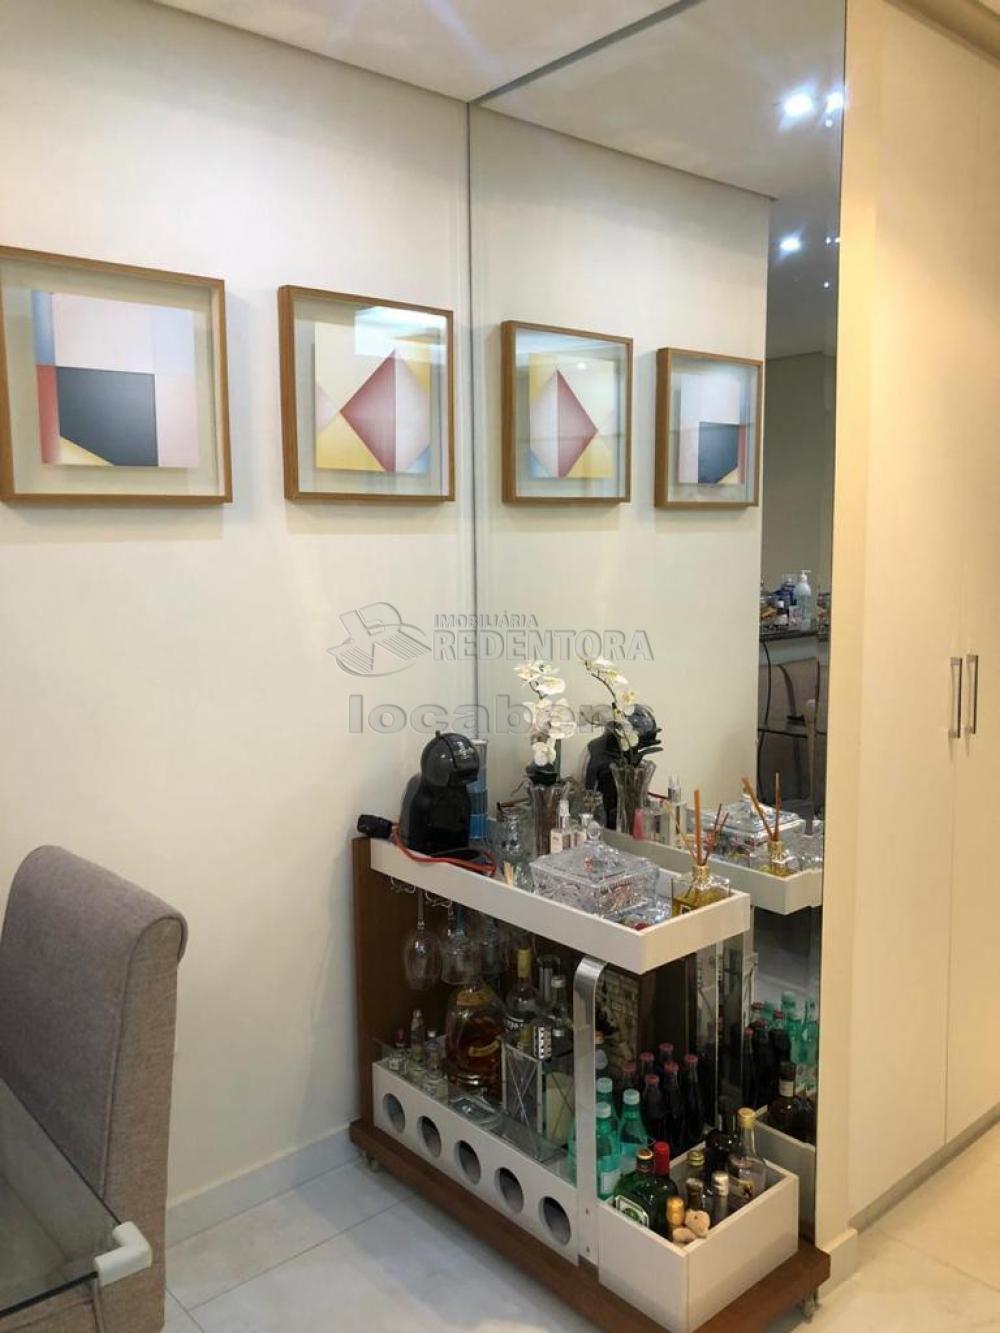 Comprar Apartamento / Padrão em São José do Rio Preto apenas R$ 475.000,00 - Foto 4